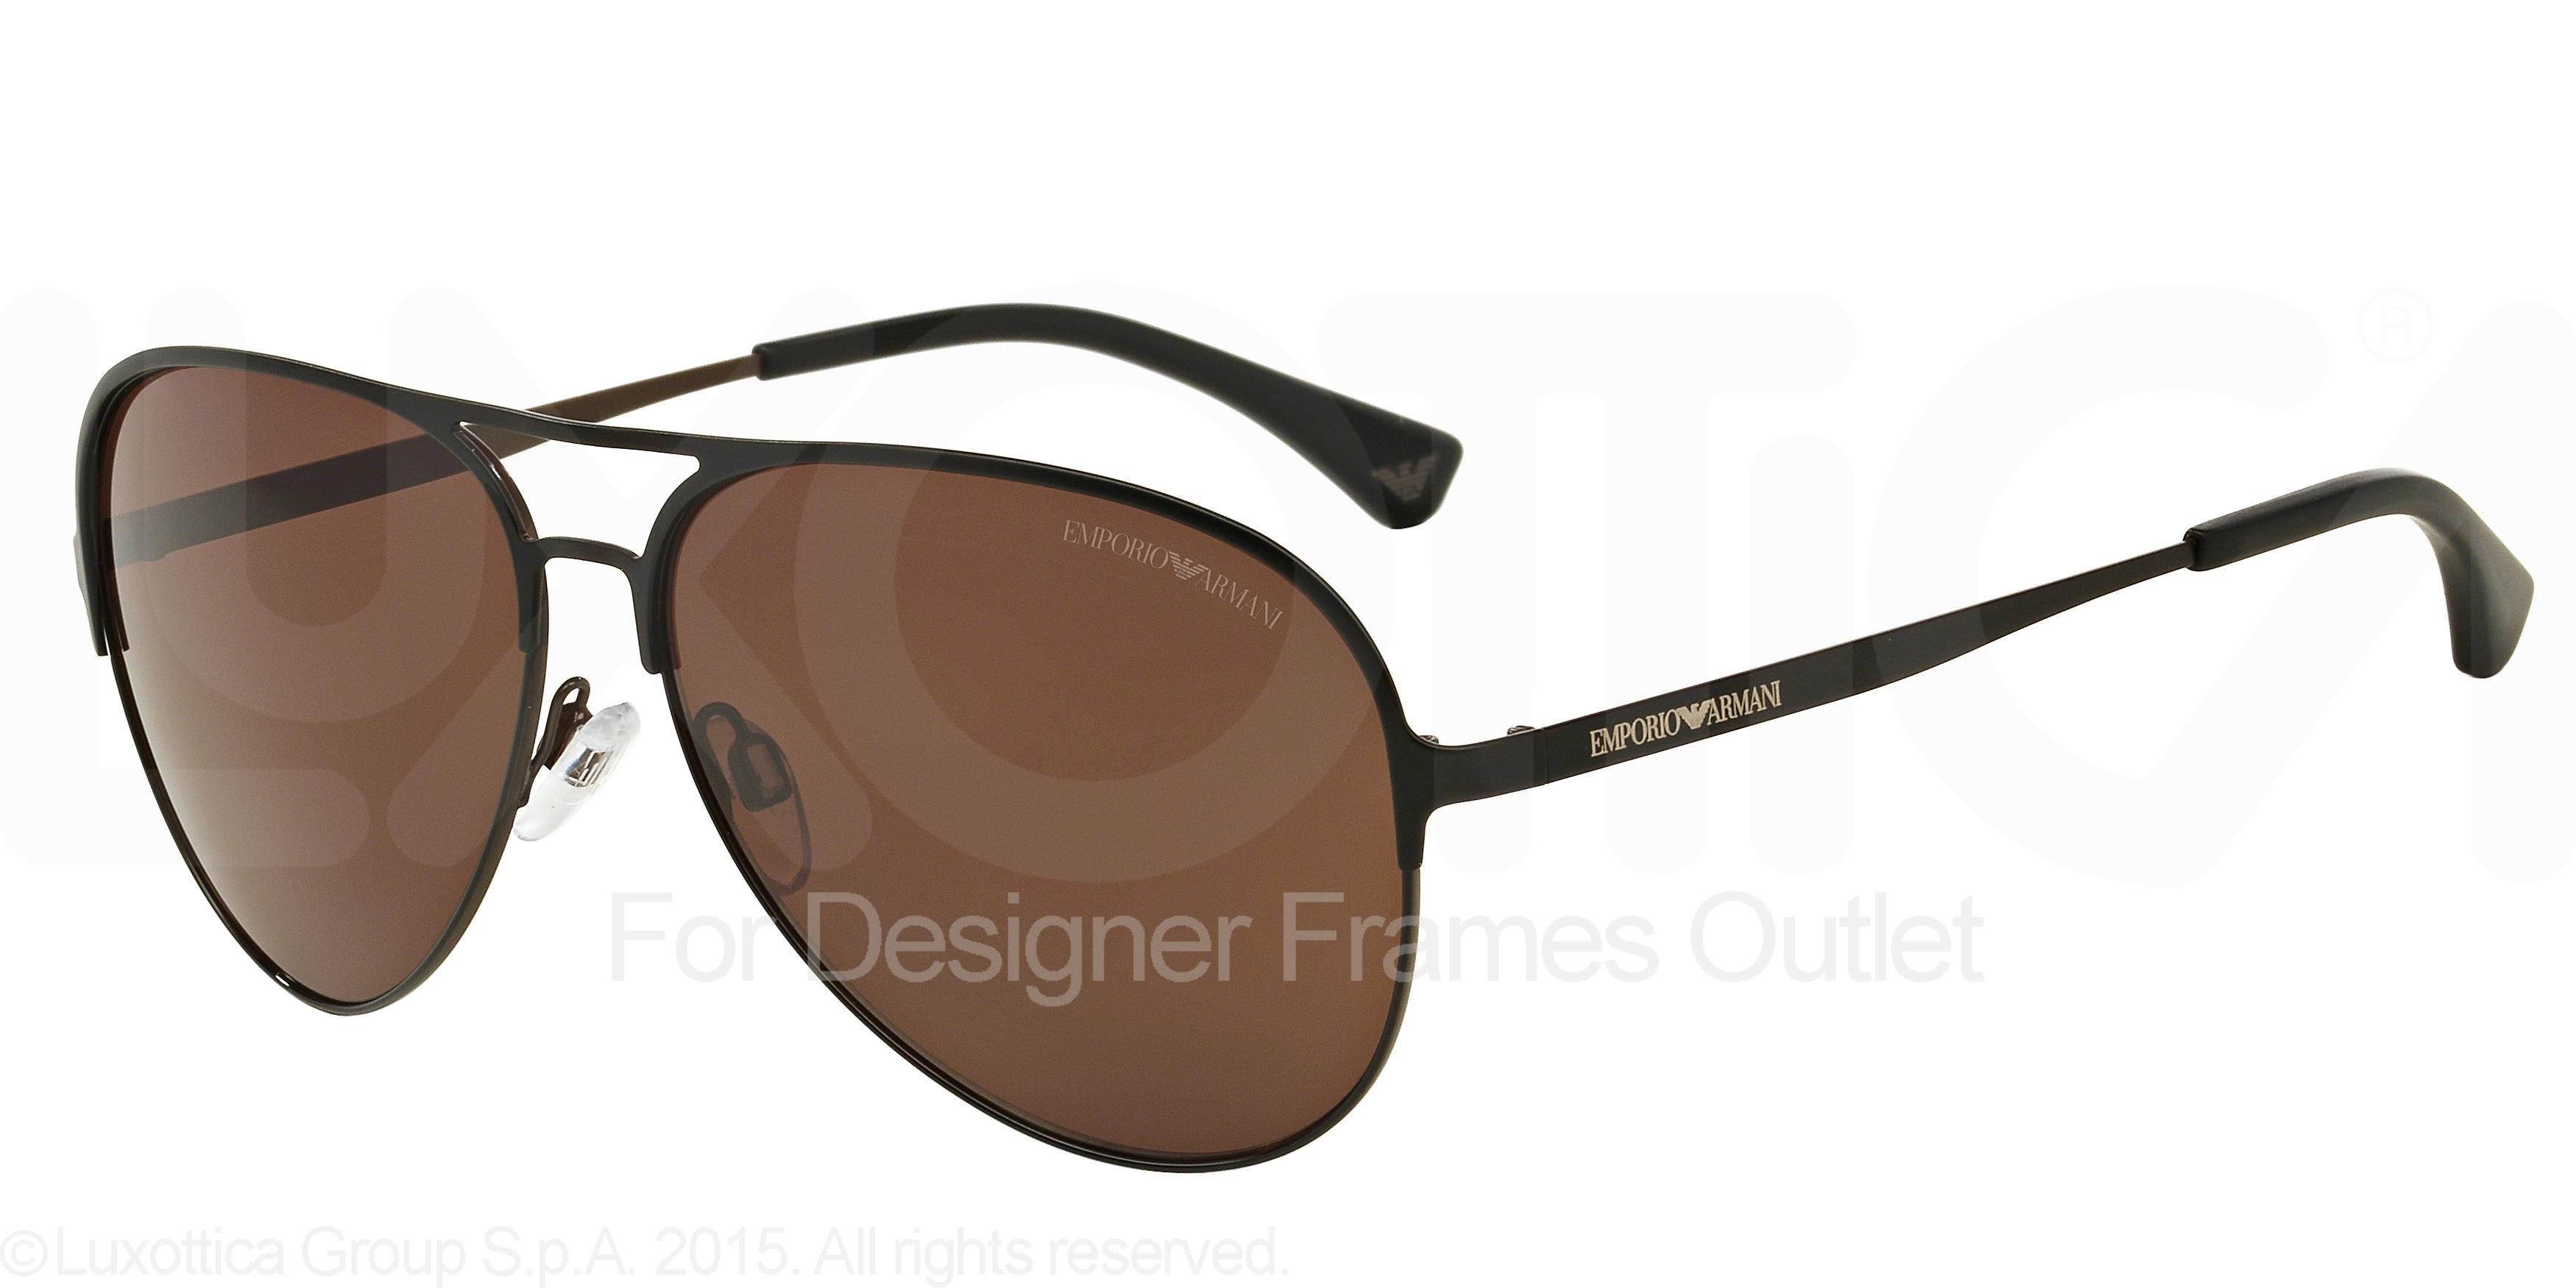 707cd8ea1a3 Designer Frames Outlet. Emporio Armani EA2032